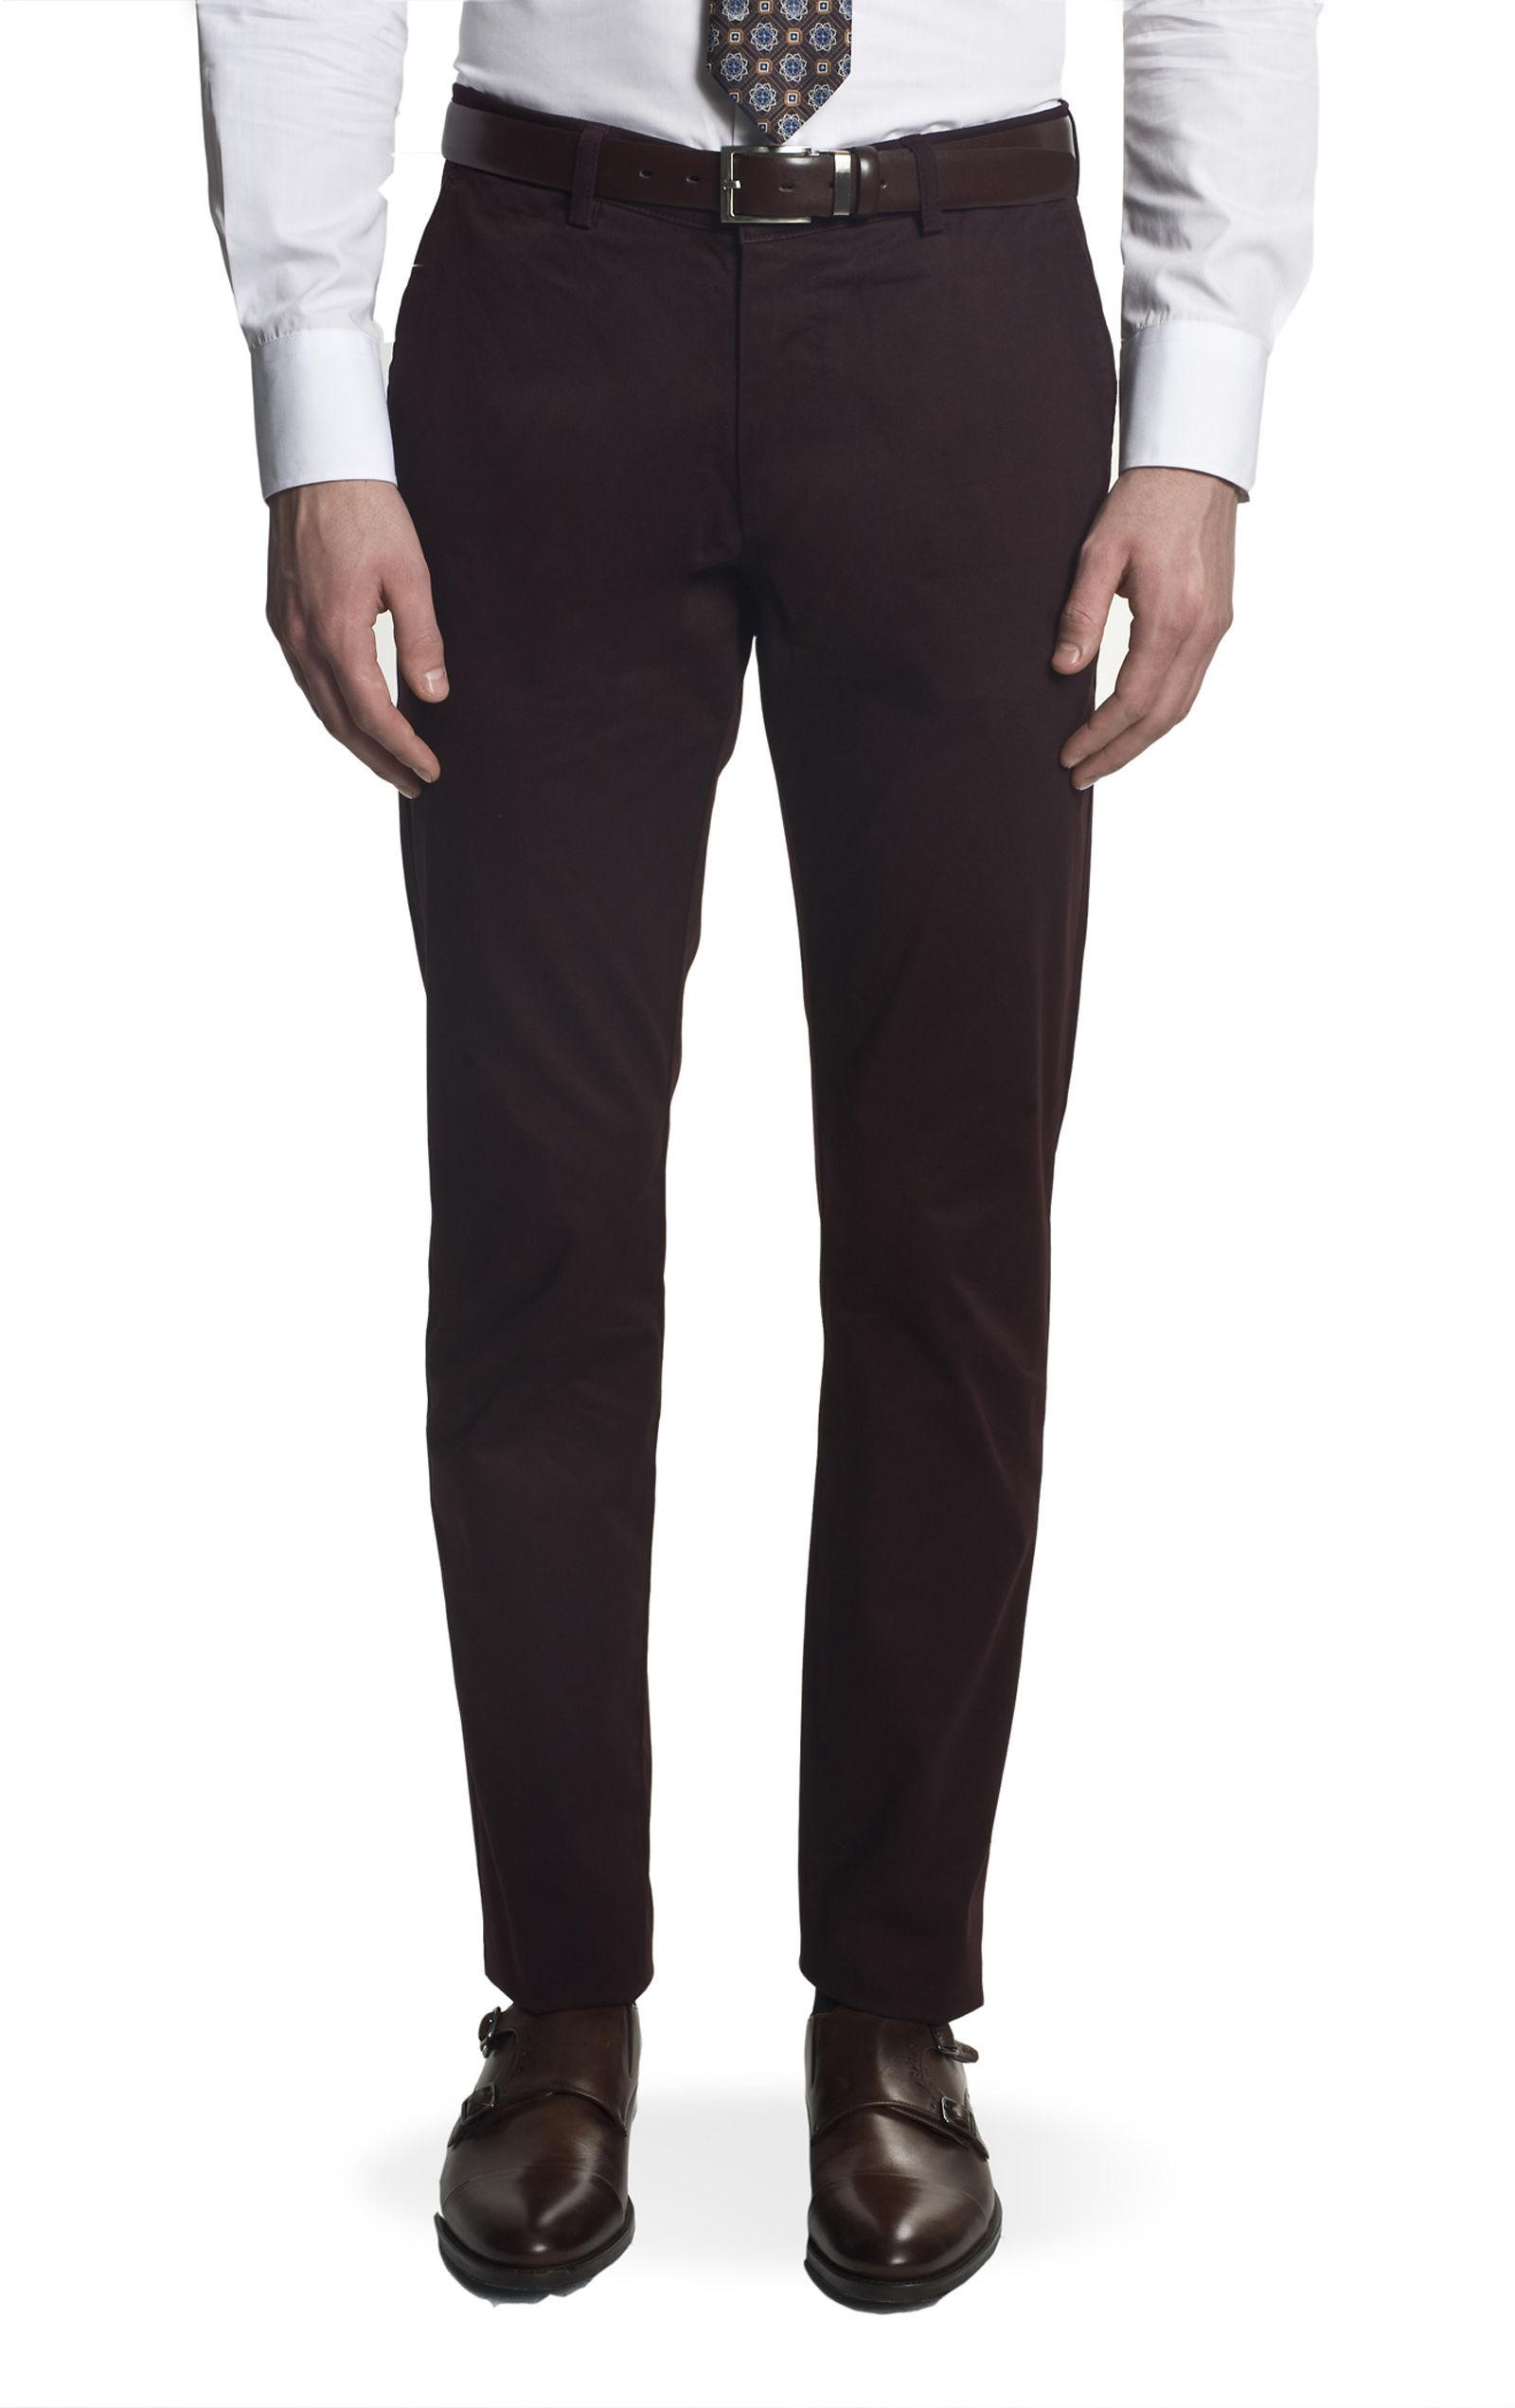 spodnie carnot 217 bordo